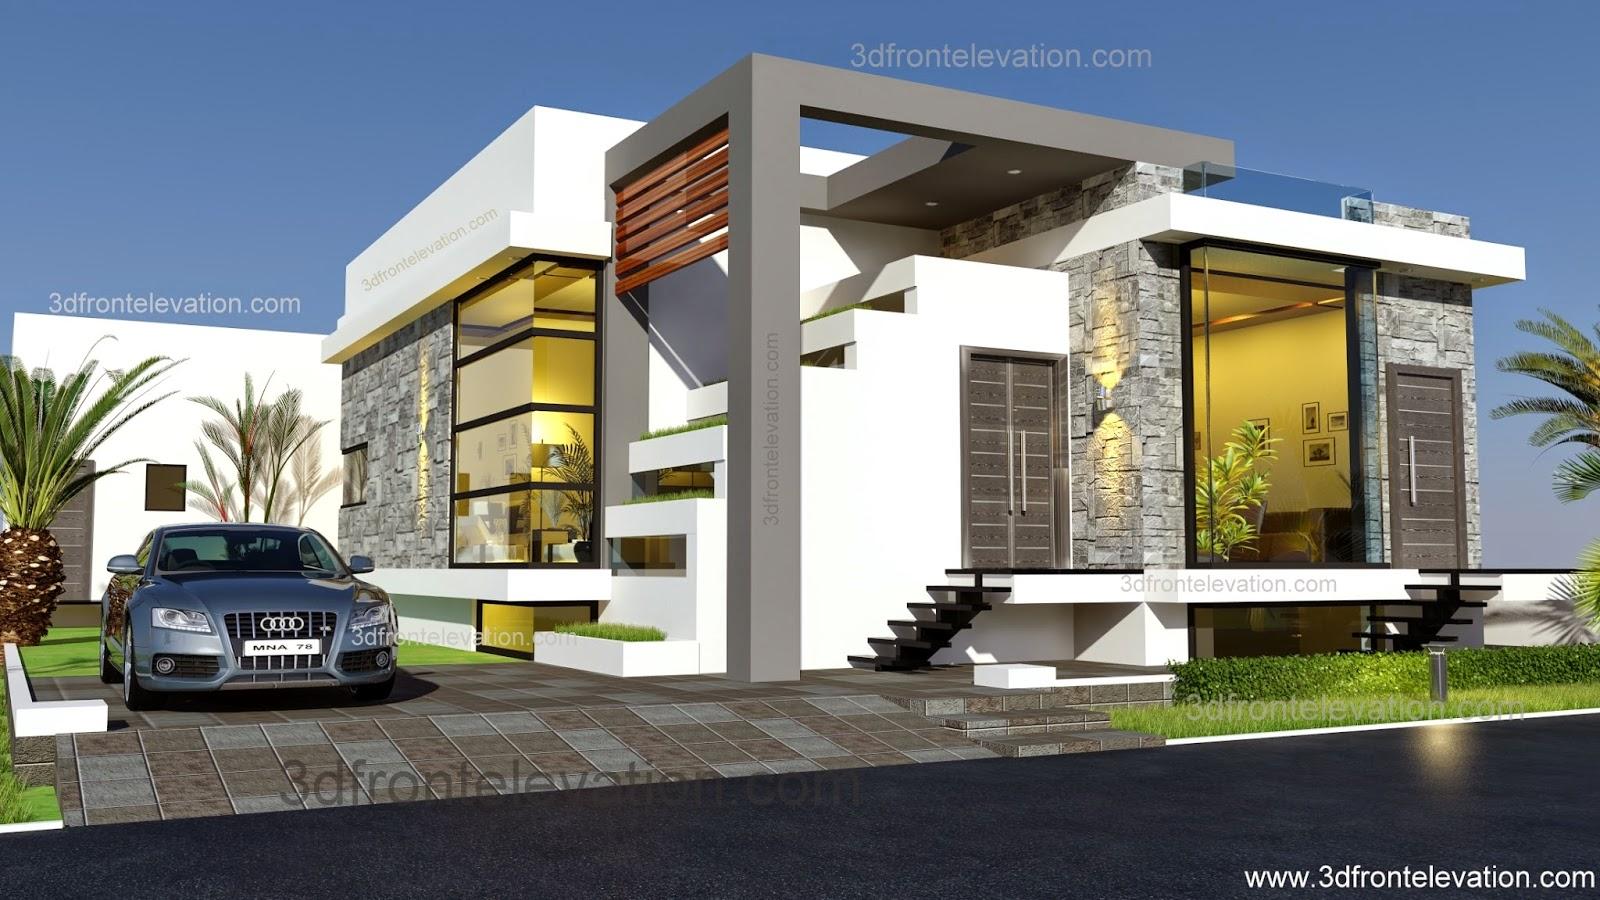 Home Design Ideas Elevation: 3D Front Elevation.com: Afghanistan House Design 2015